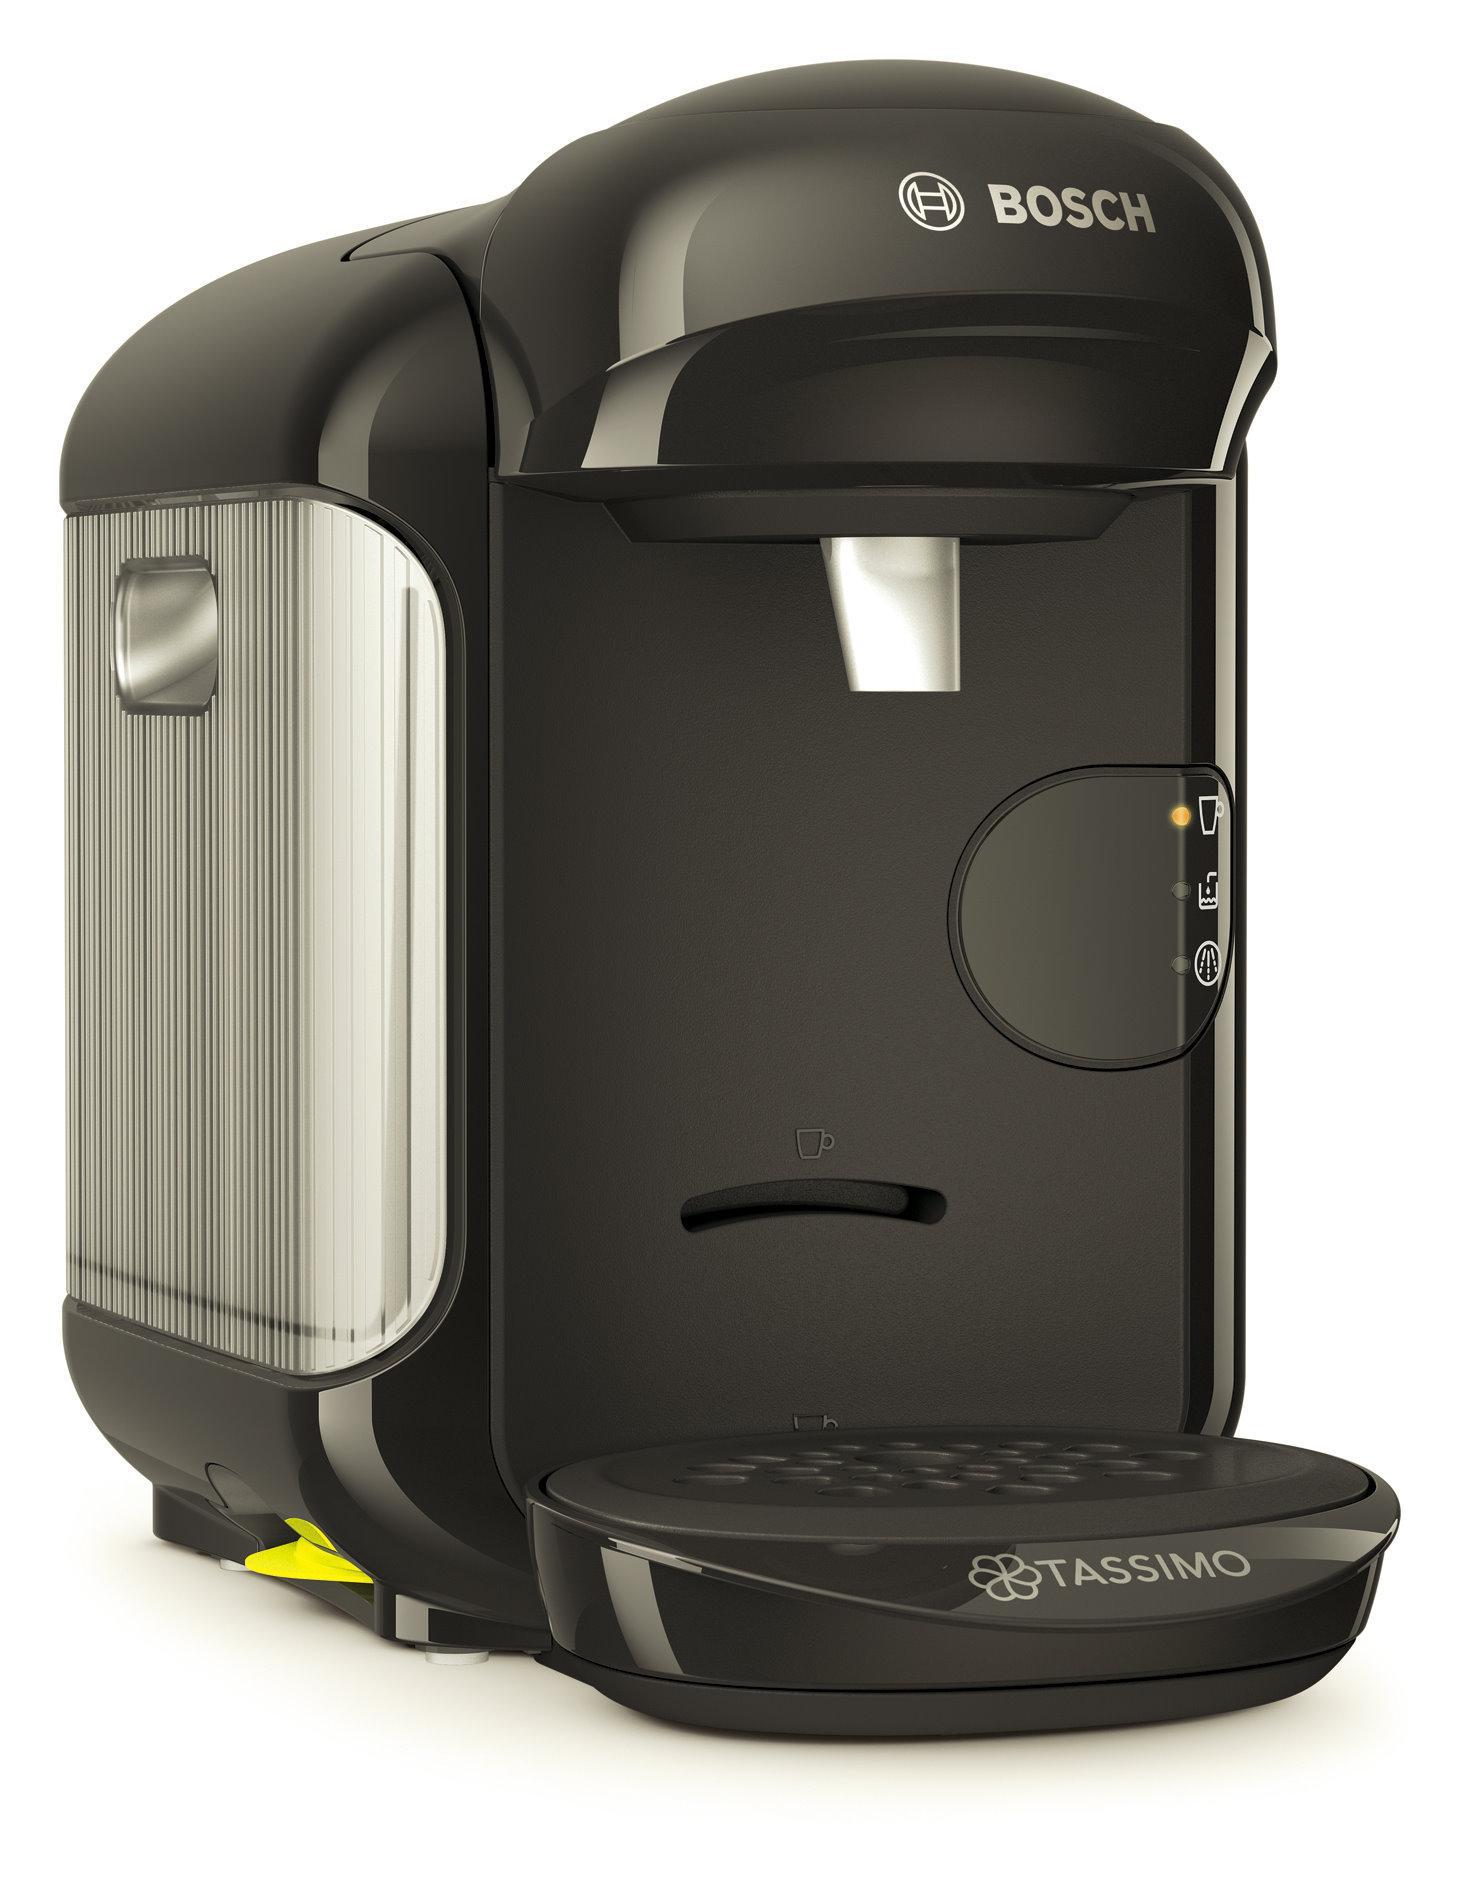 bosch tassimo vivy 2 kapselmaschine 20 eur gutscheine. Black Bedroom Furniture Sets. Home Design Ideas